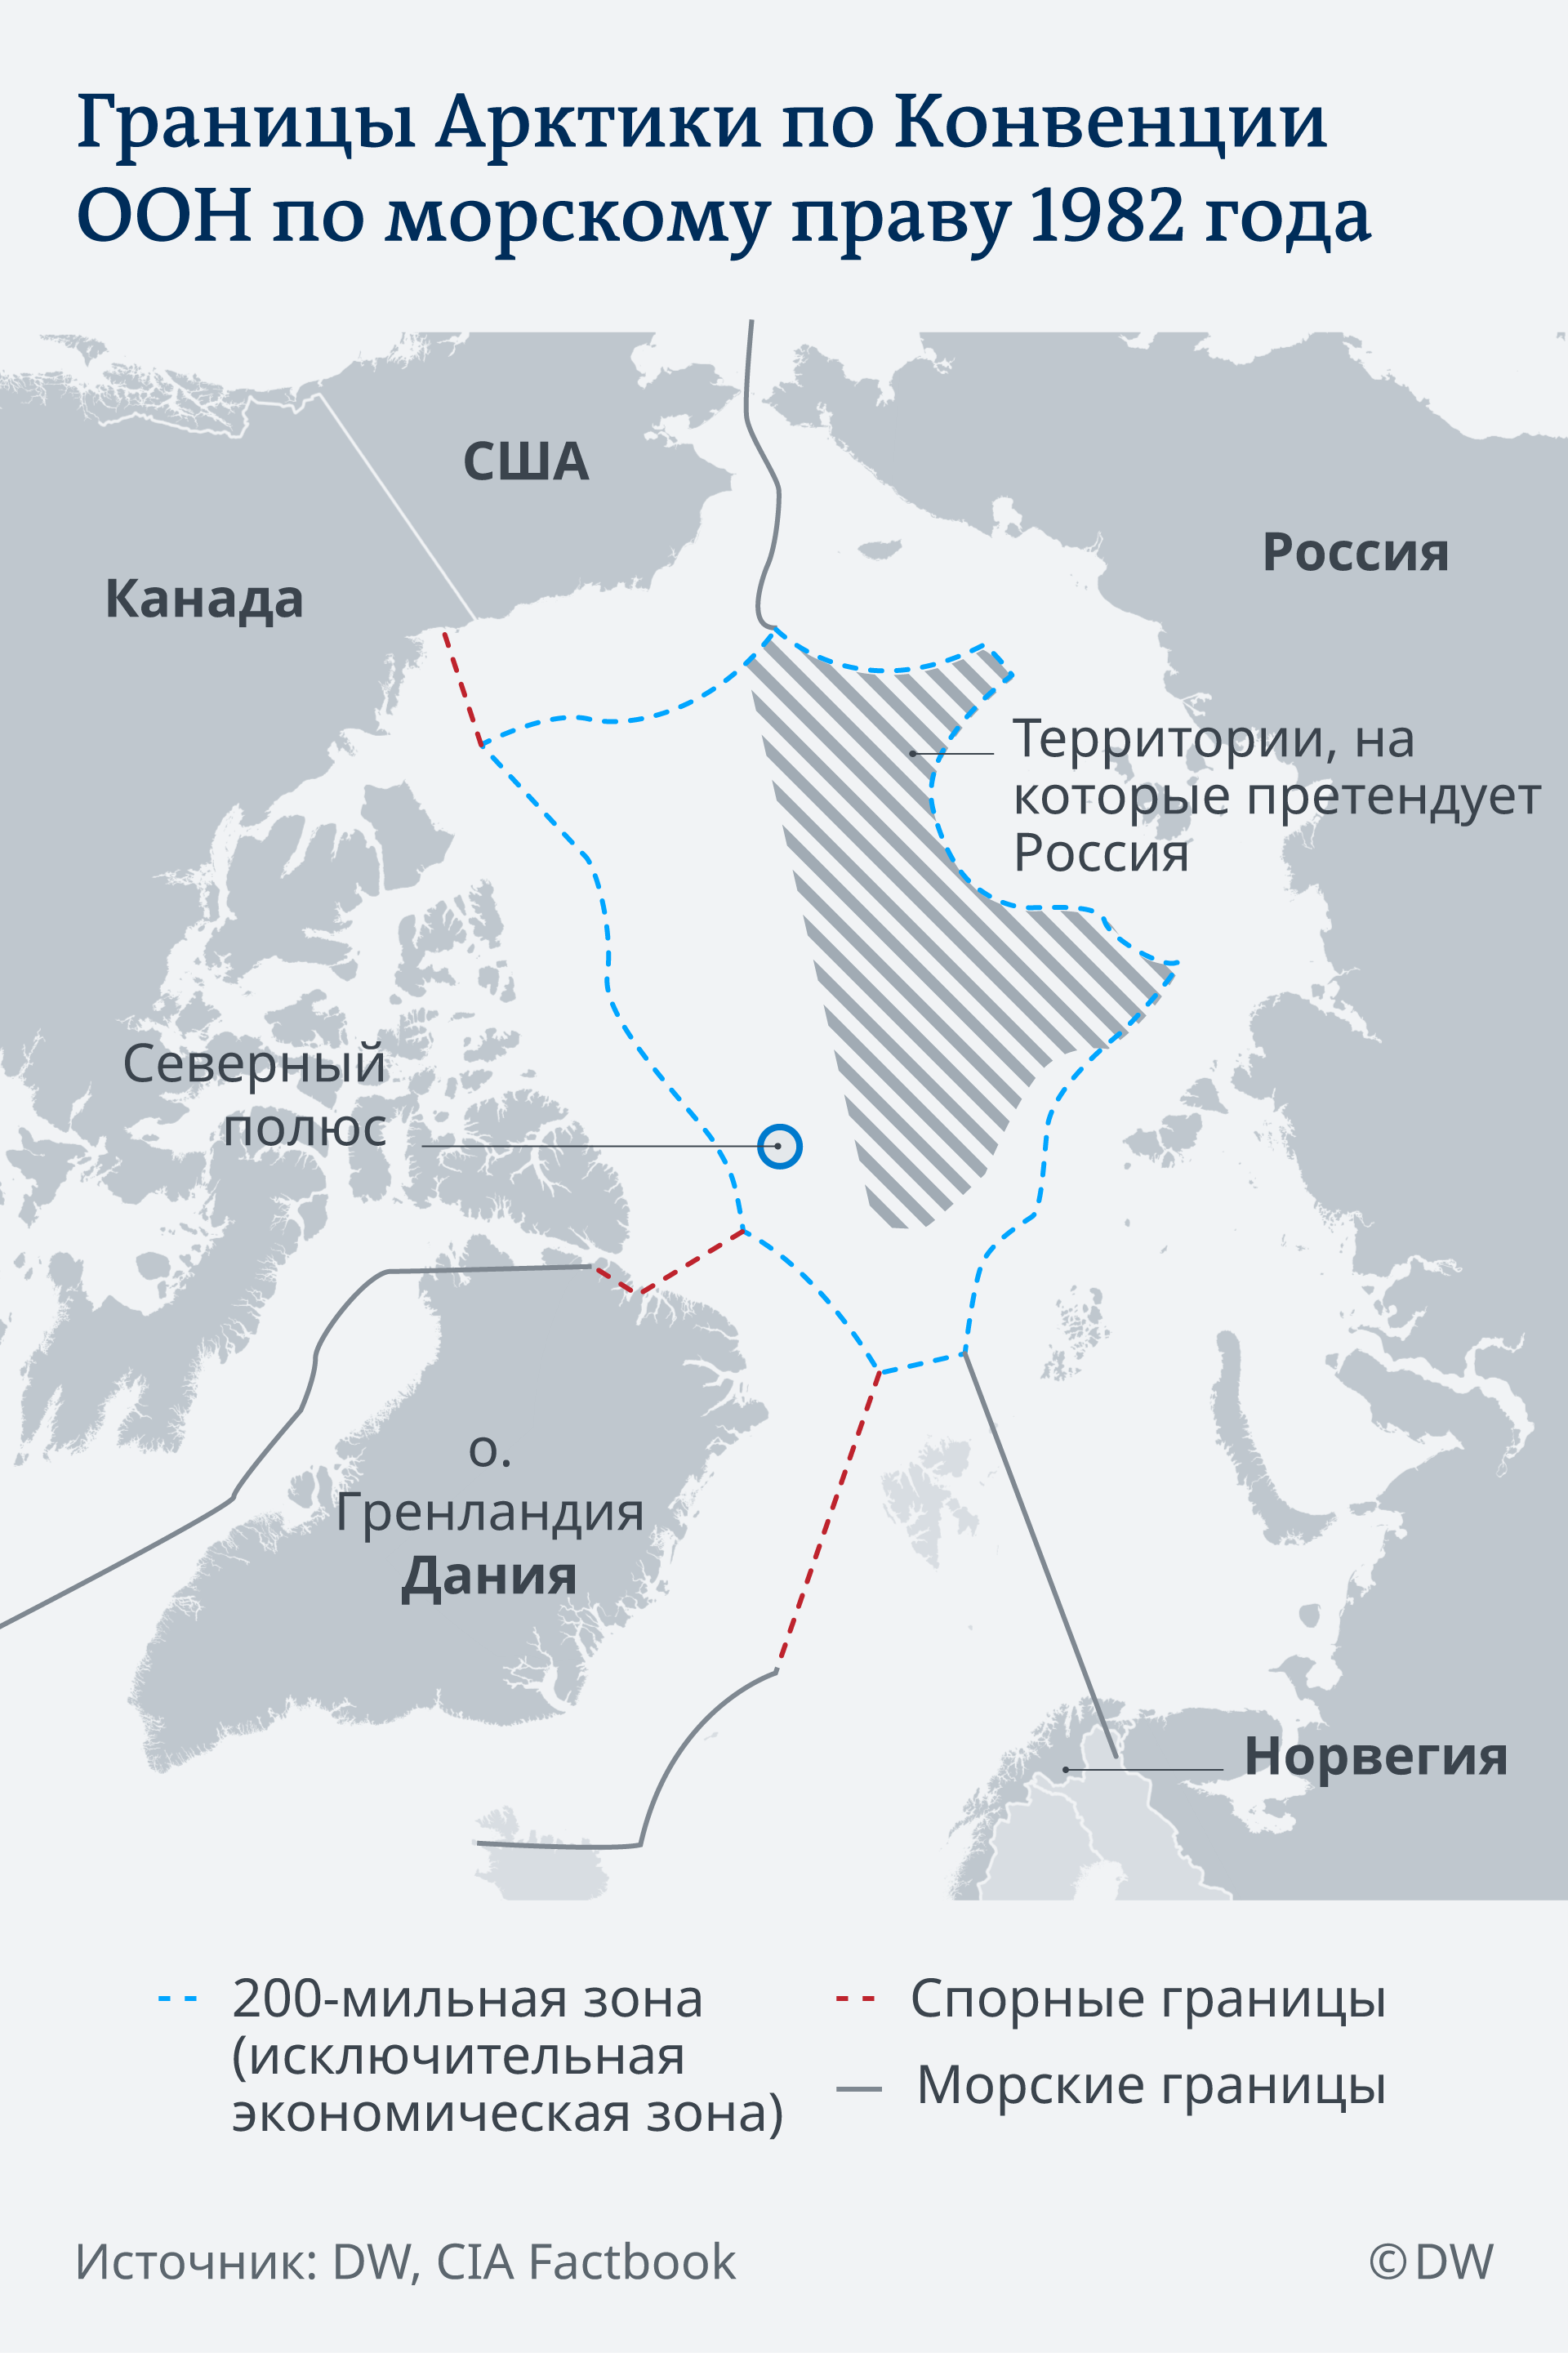 Инфографика: Границы Арктики согласно Конвенции ООН по морскому праву 1982 года